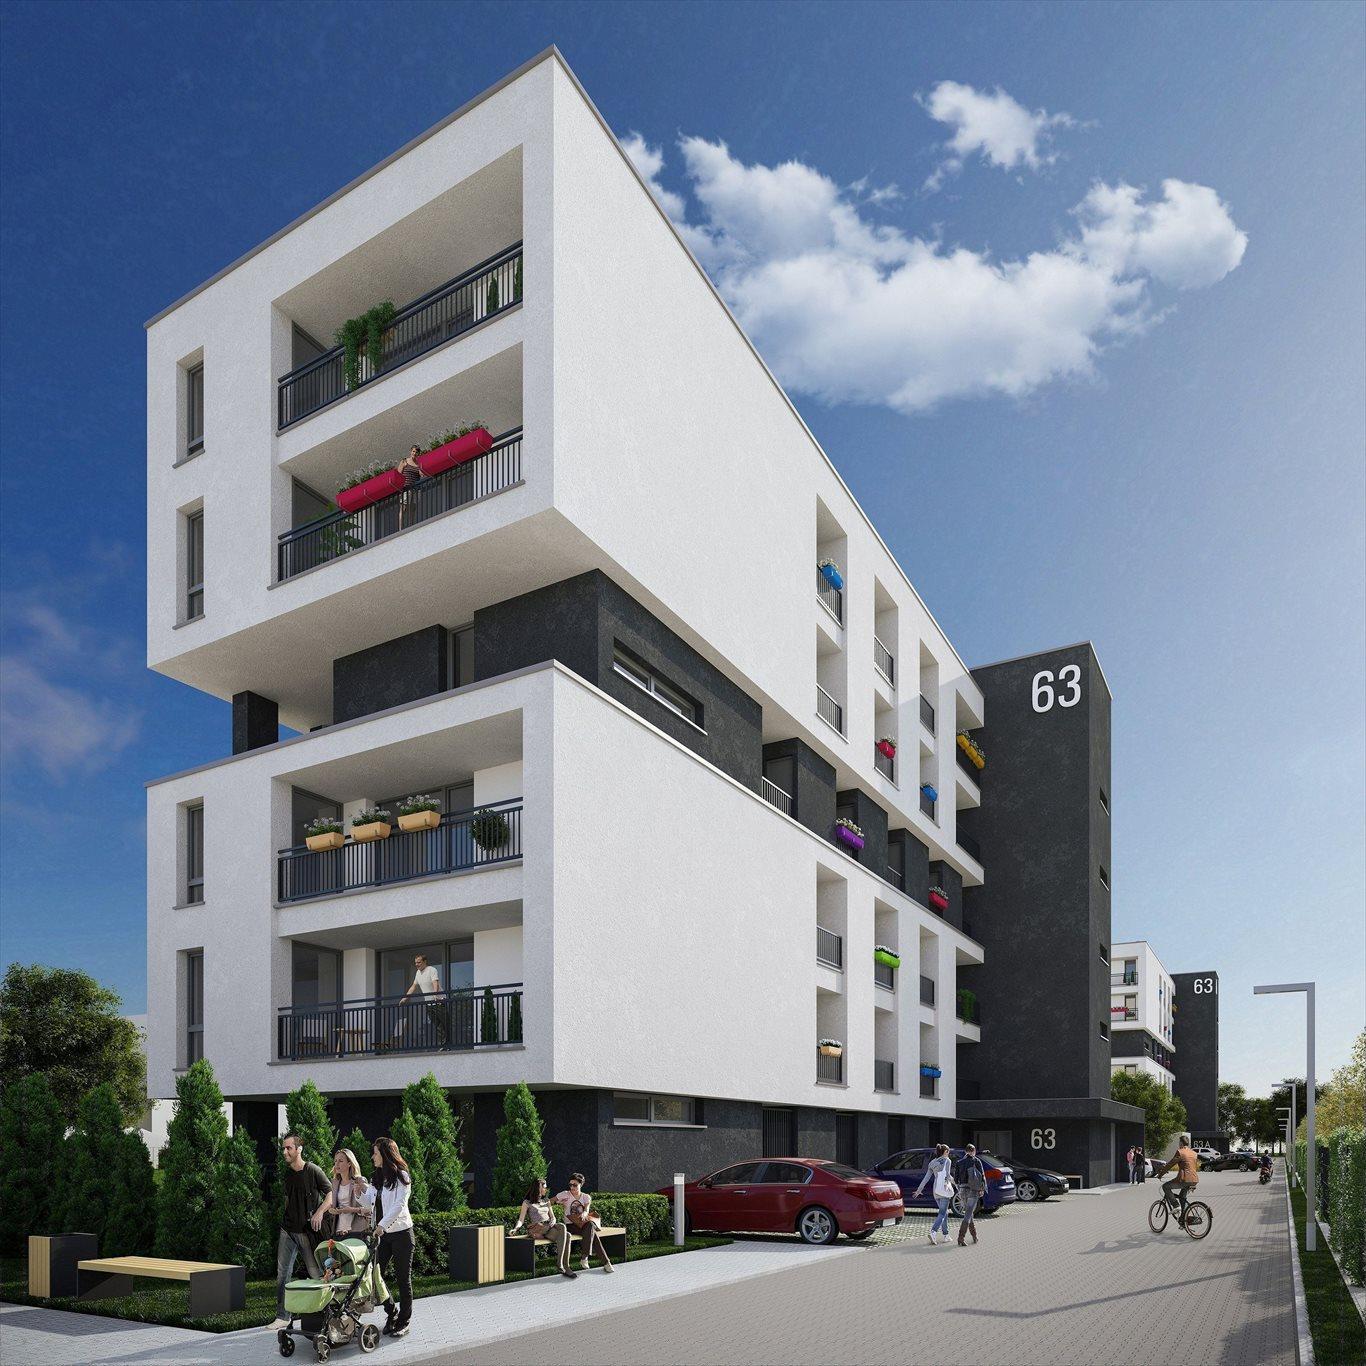 Mieszkanie trzypokojowe na sprzedaż Tychy, Śródmieście, Piłsudskiego 63  64m2 Foto 1